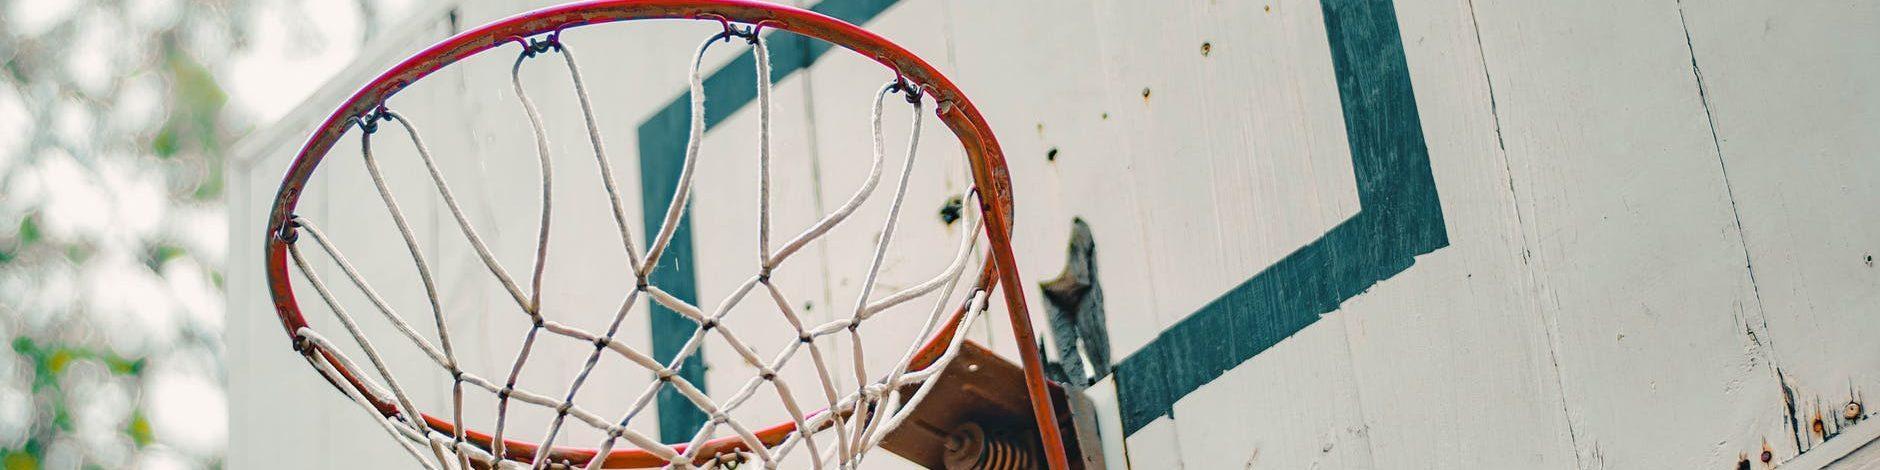 Basketball kurv til hjemmet: En oversigt over de mest populære